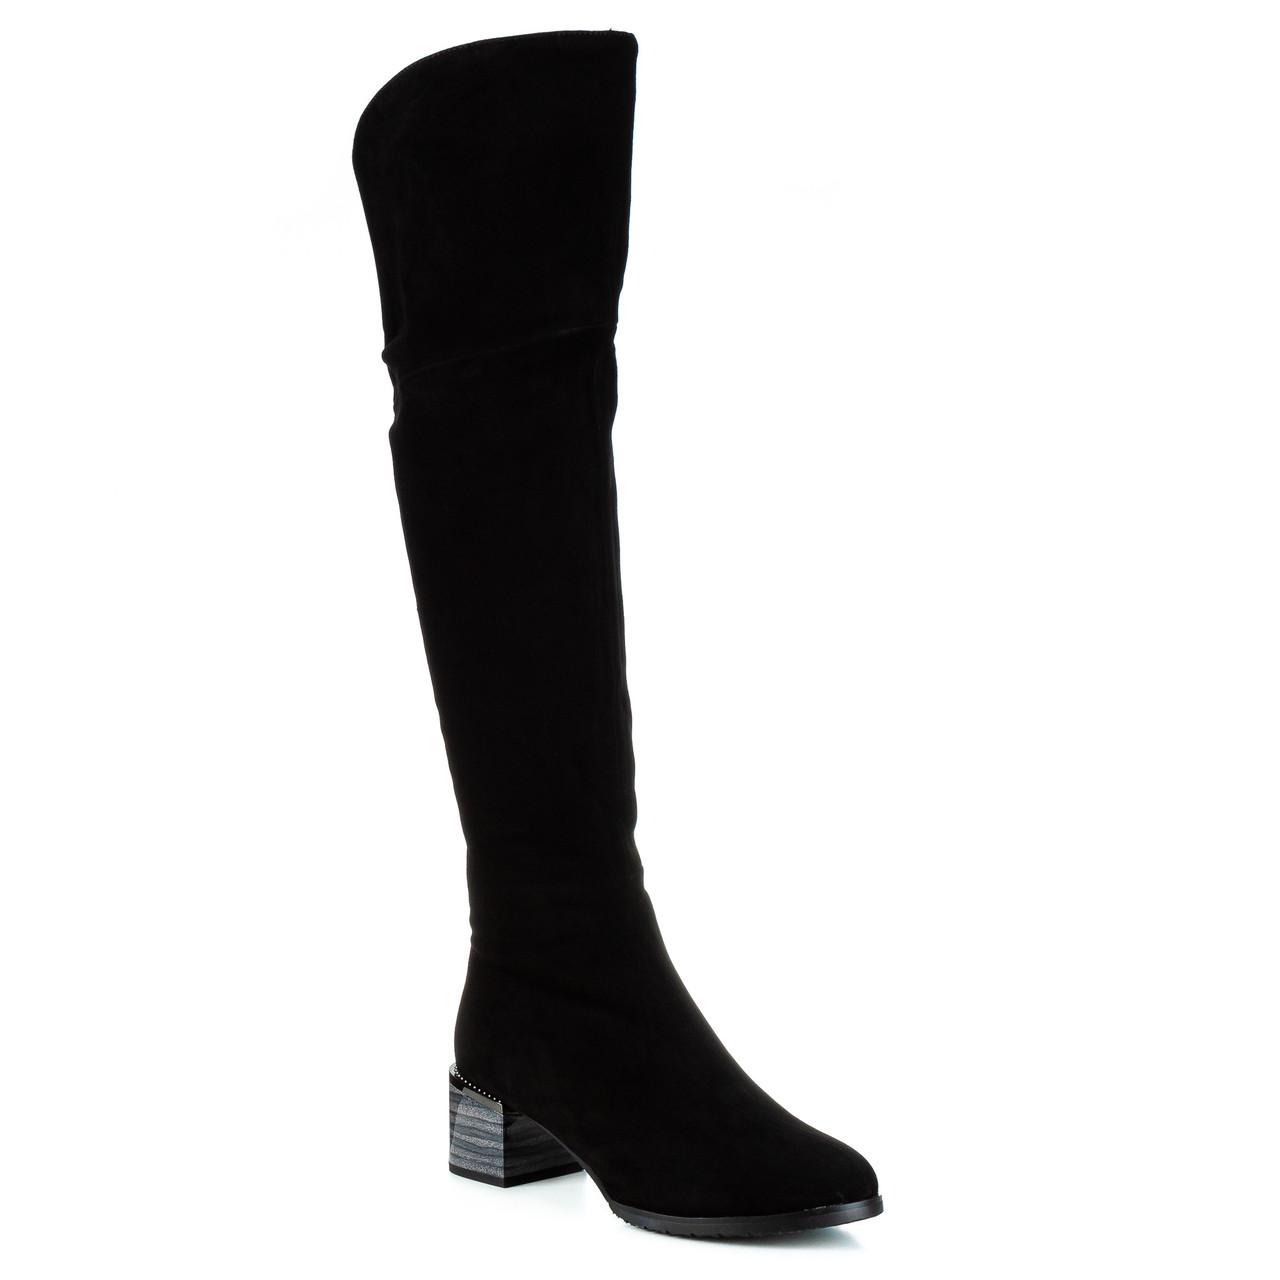 Ботфорты женские SUFINNA (замшевые, стильные, на модном каблуке, натуральные)